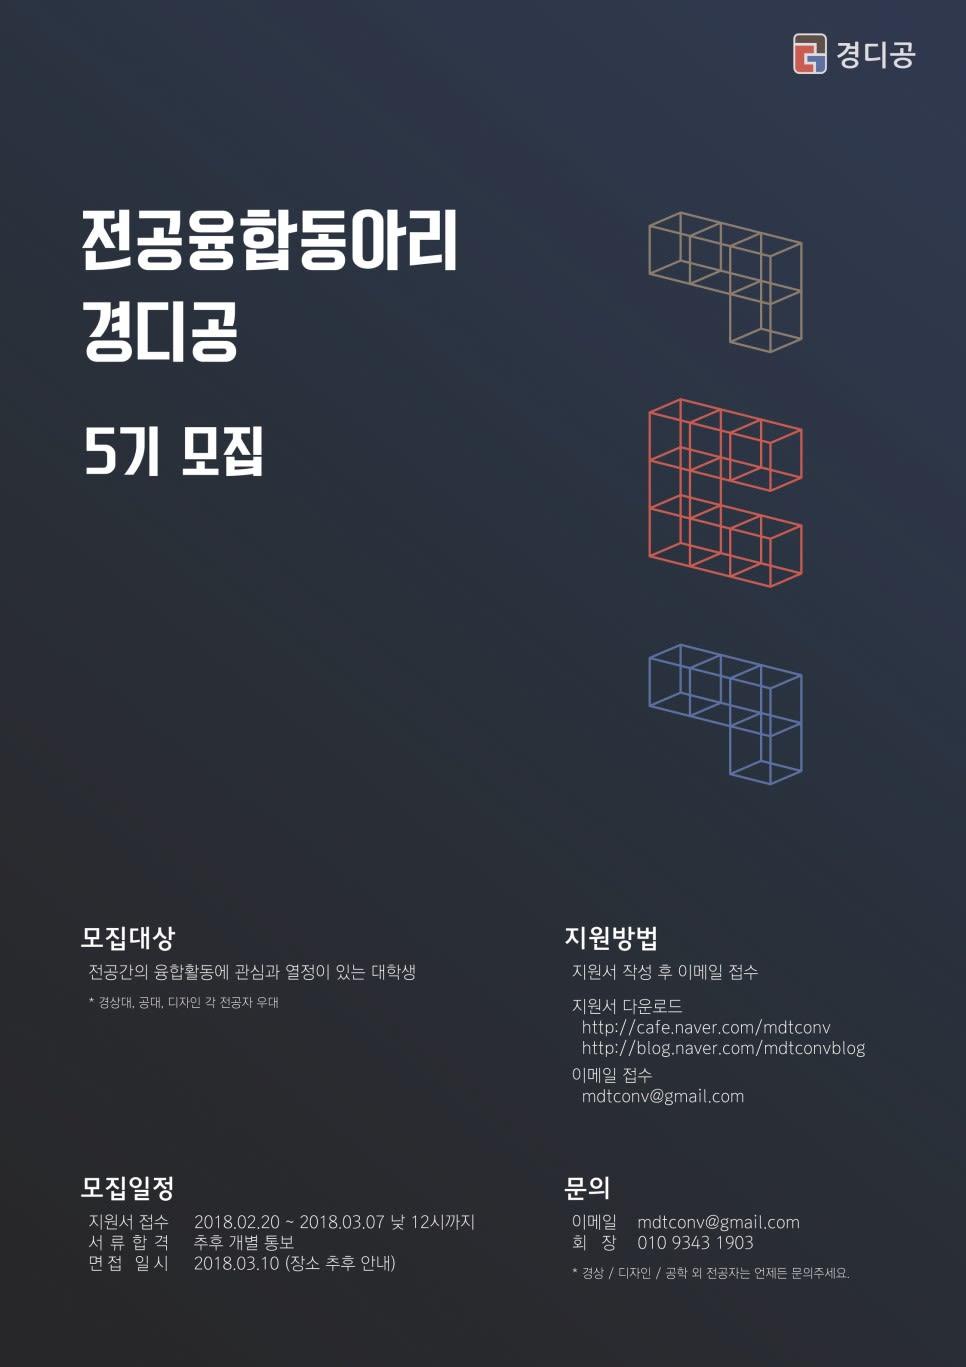 [경디공]전공융합동아리 경상/디자인/공학 전공의 대학생